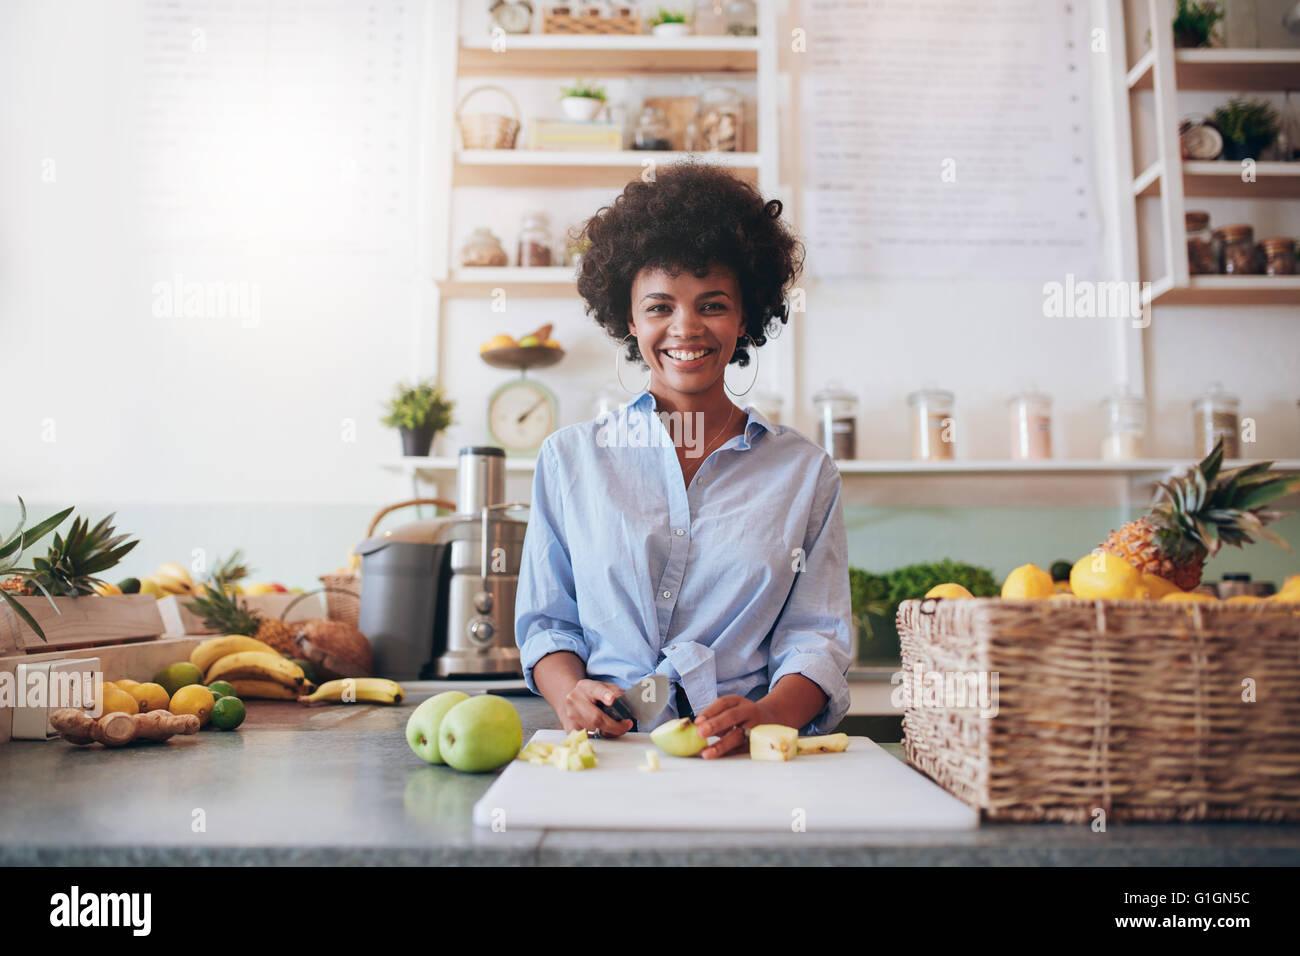 Porträt von schöne junge afrikanische Frau hinter der Theke stehen entgegenzuwirken und frische Früchte Stockbild